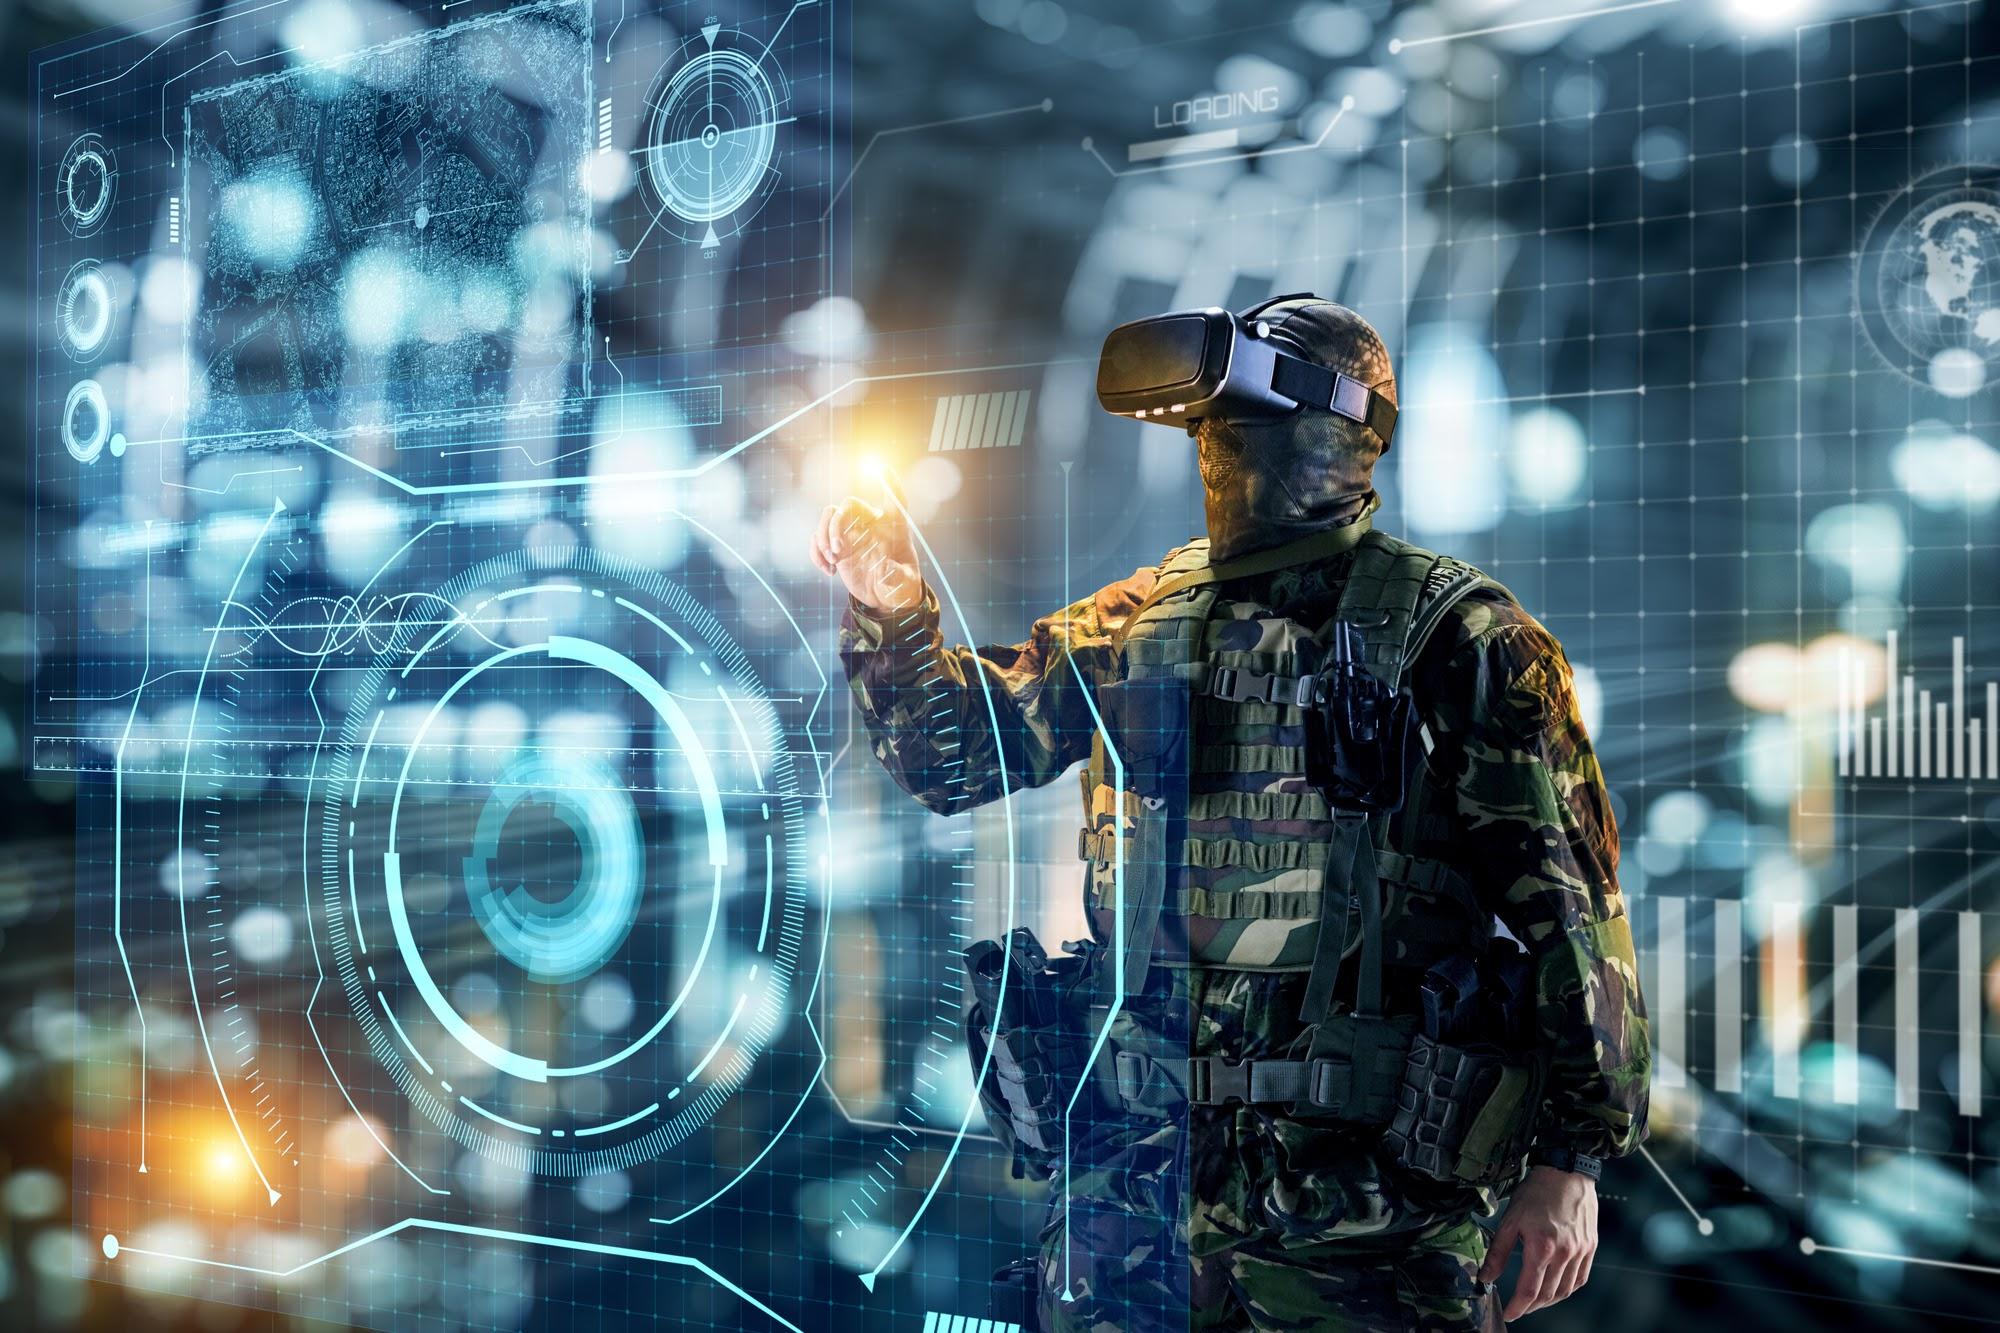 Кібервійна та безпека об'єктів критичної інфраструктури